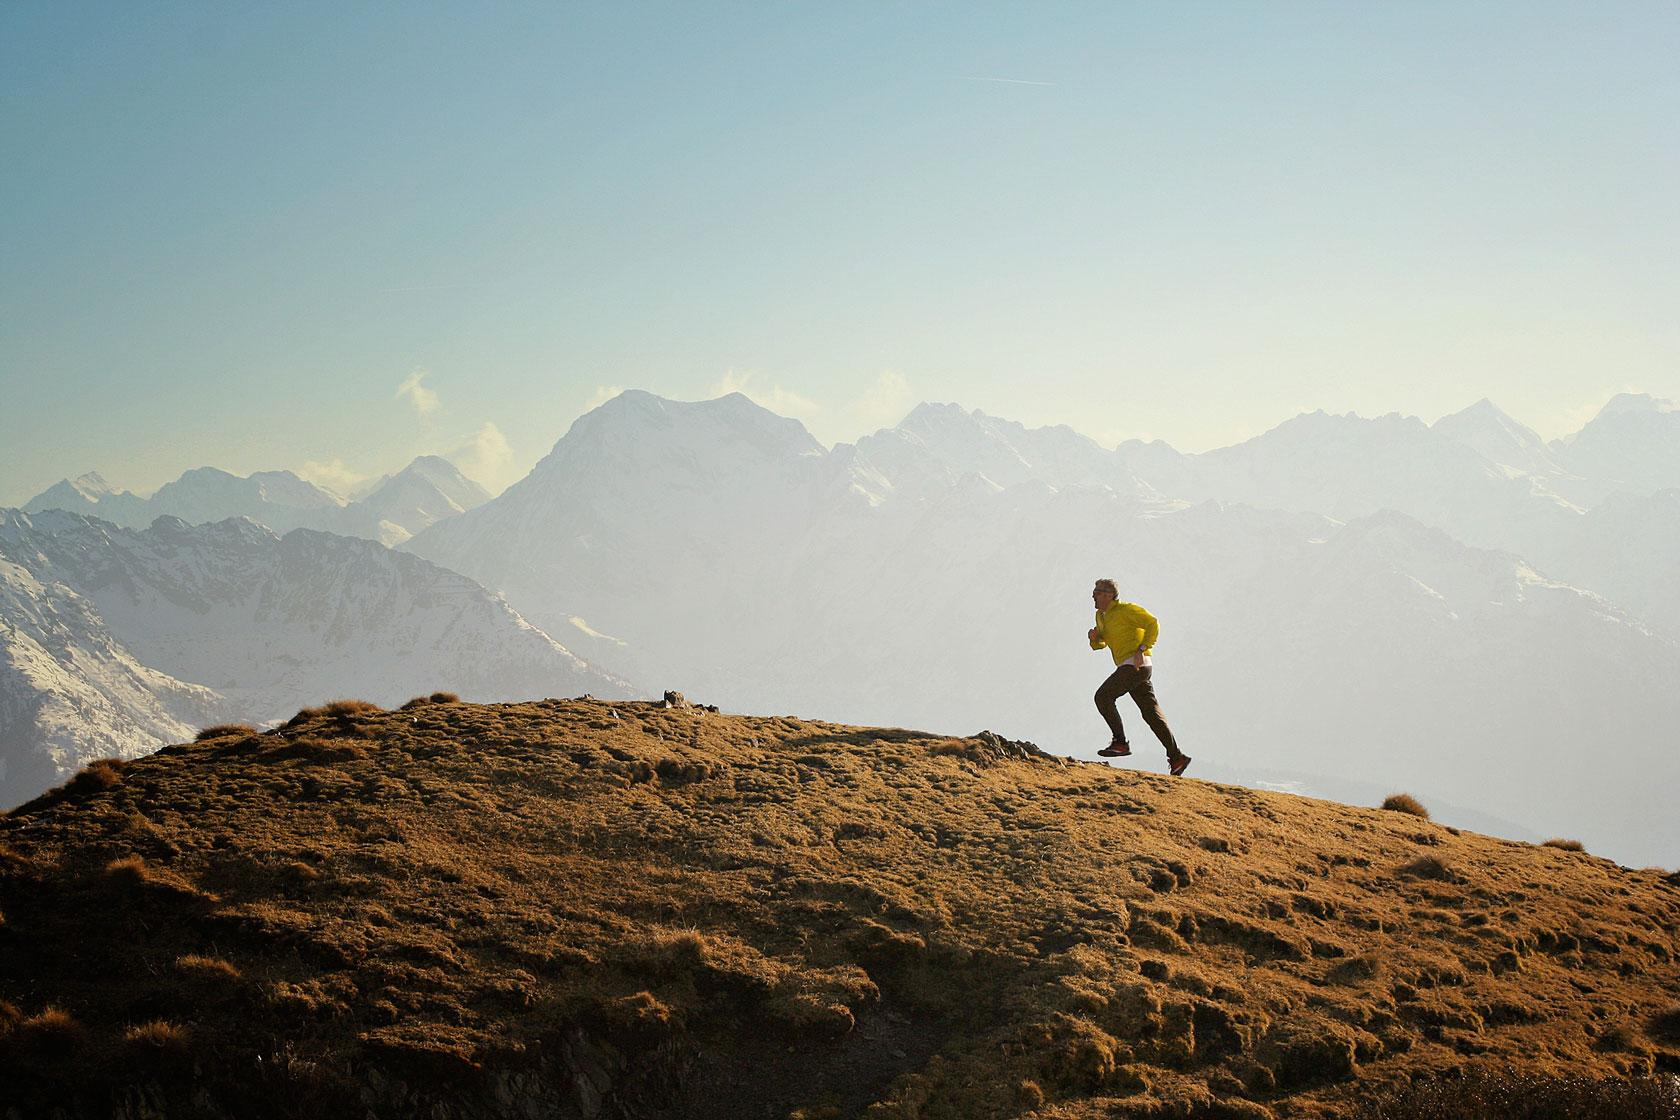 SKYRUNNING - Come ridurre fatica e dolore correndo in montagna grazie ad una preziosa molecola >